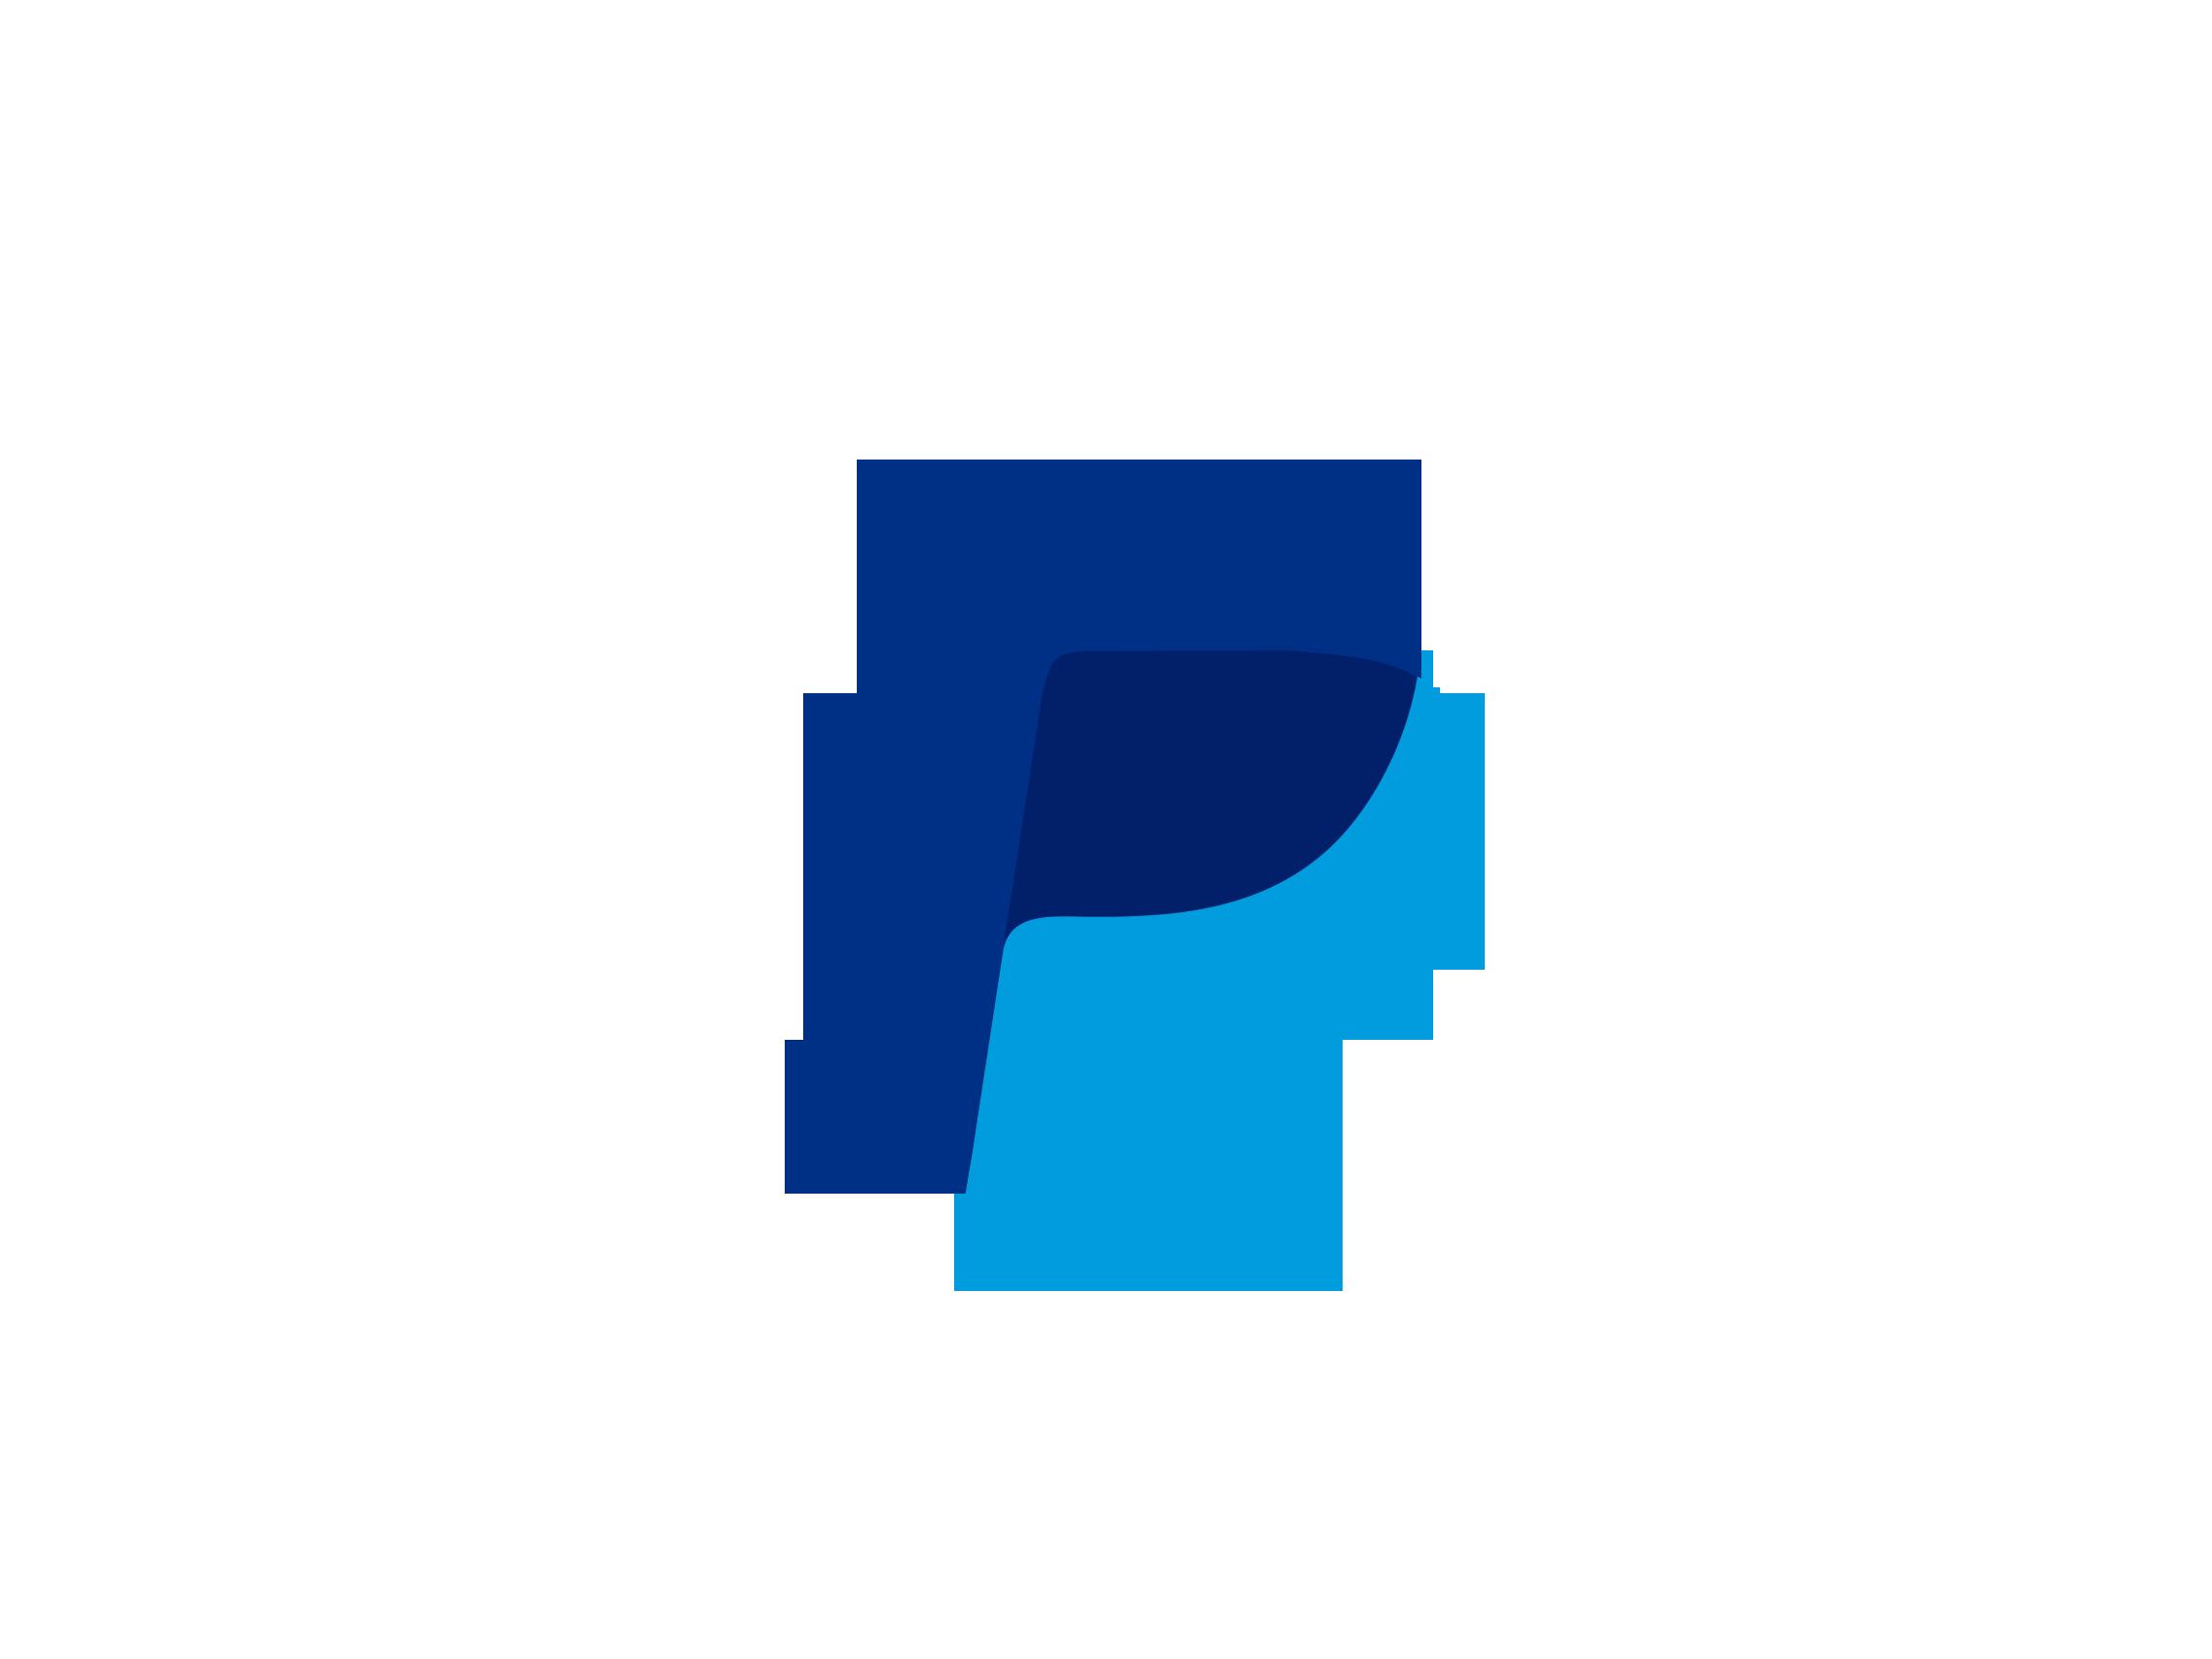 paypal-logo-logok-36777.png